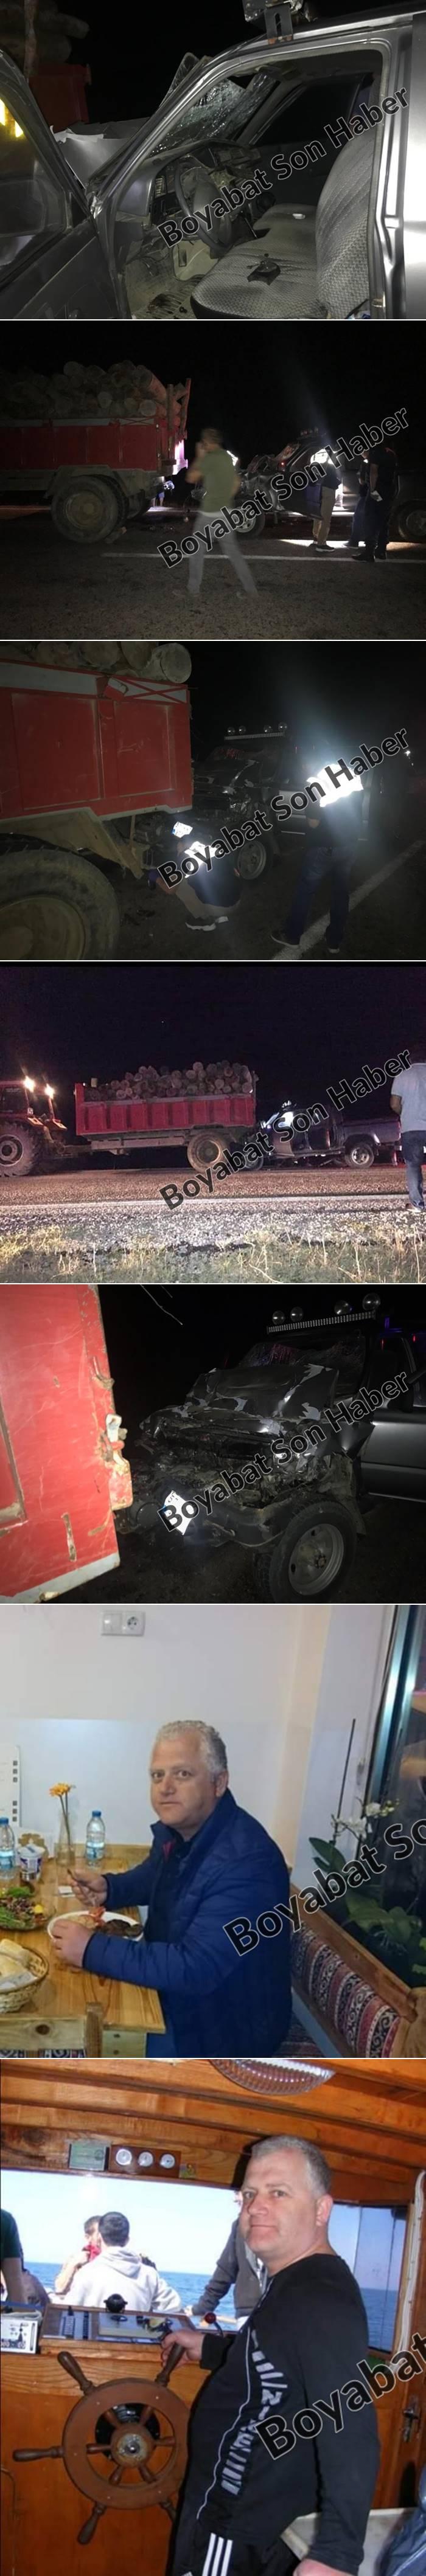 Bu akşam (13.09.2019 Cuma)  saat 21.00 sularında Dibekli mevkiinde otomobil odun yüklü traktör römorkunun altına girdi. Olay yerinde Öztaban Mobilya Sahibi. Y.Ö. yaşamını yitirdi.